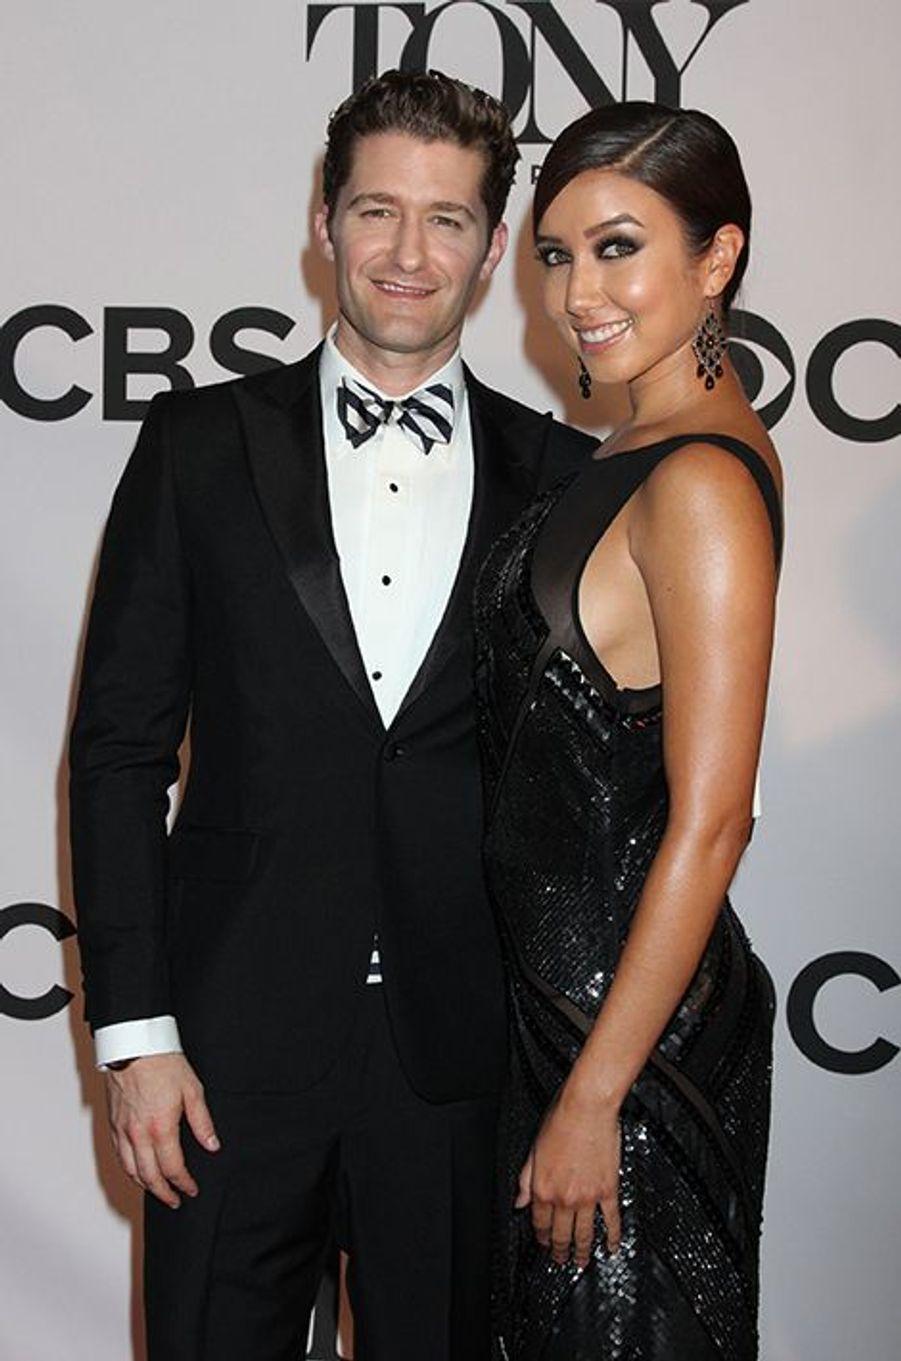 """L'acteur de """"Glee"""" et sa compagne de longue date, Renee Puente, se sont dit """"oui"""" le 18 octobre lors d'une cérémonie privée organisée sur l'île de Maui, à Hawaï."""